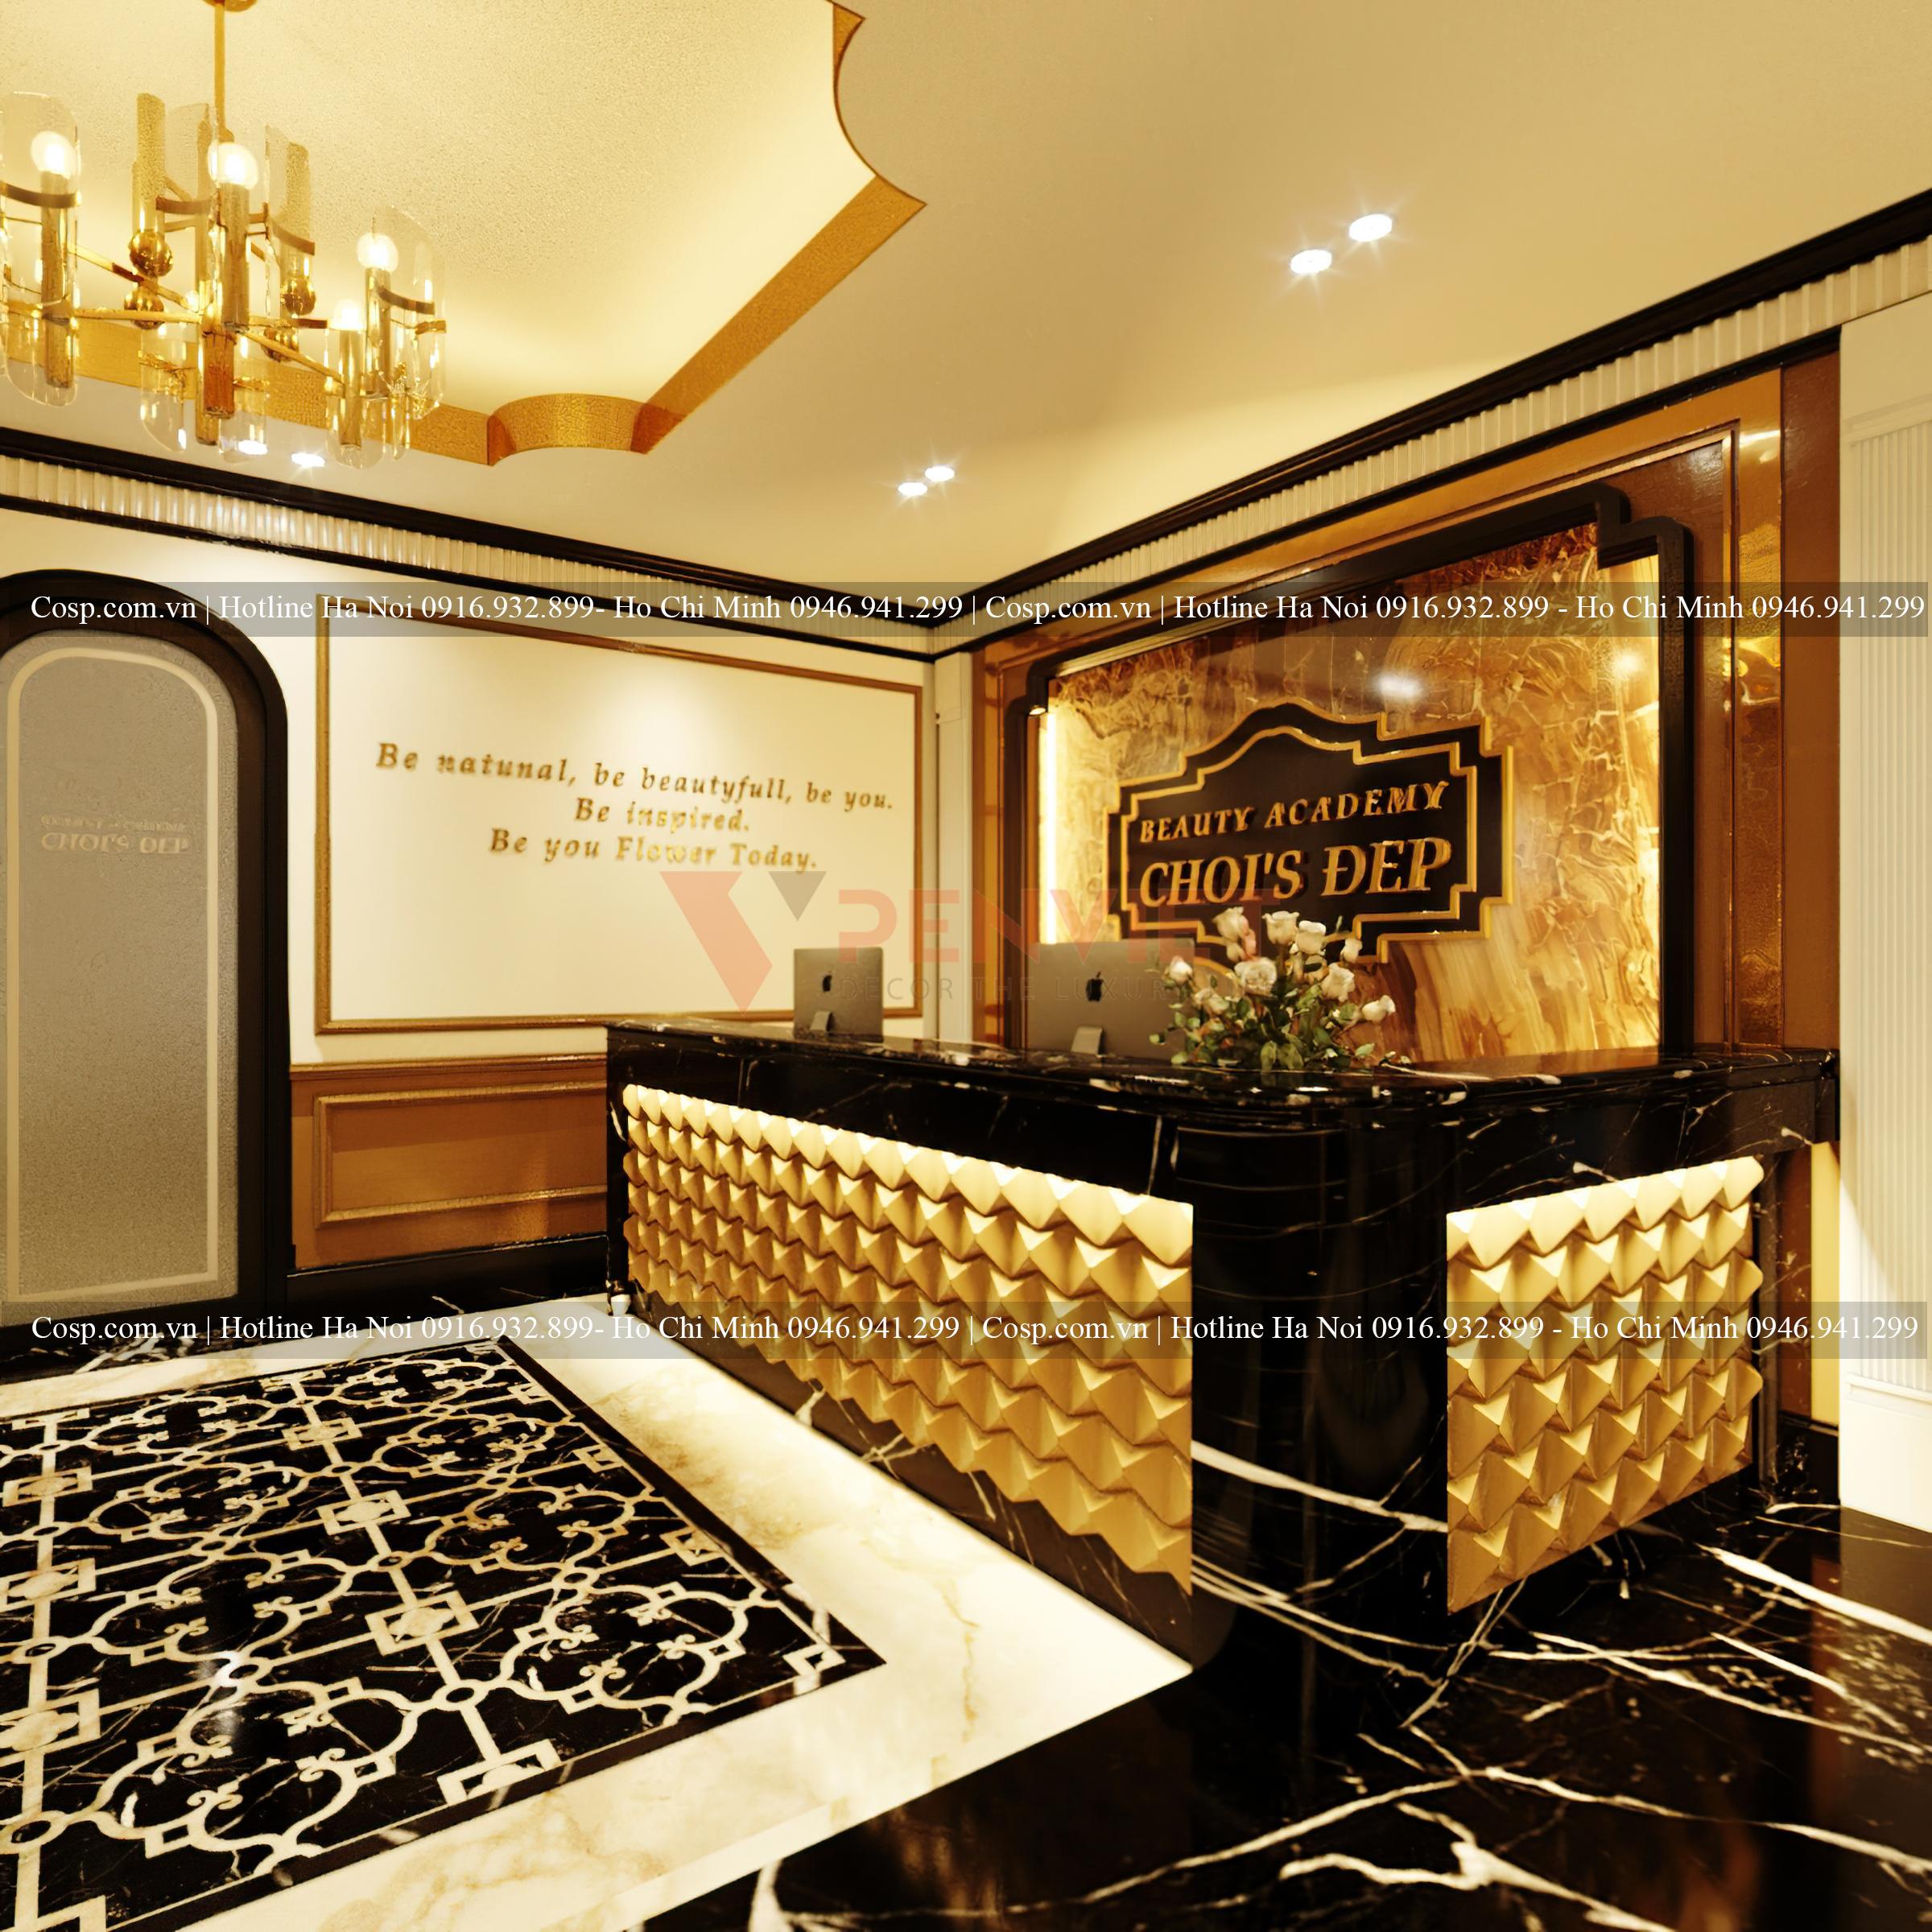 Thiết kế spa Choi's Đẹp 180 Trần Duy Hưng